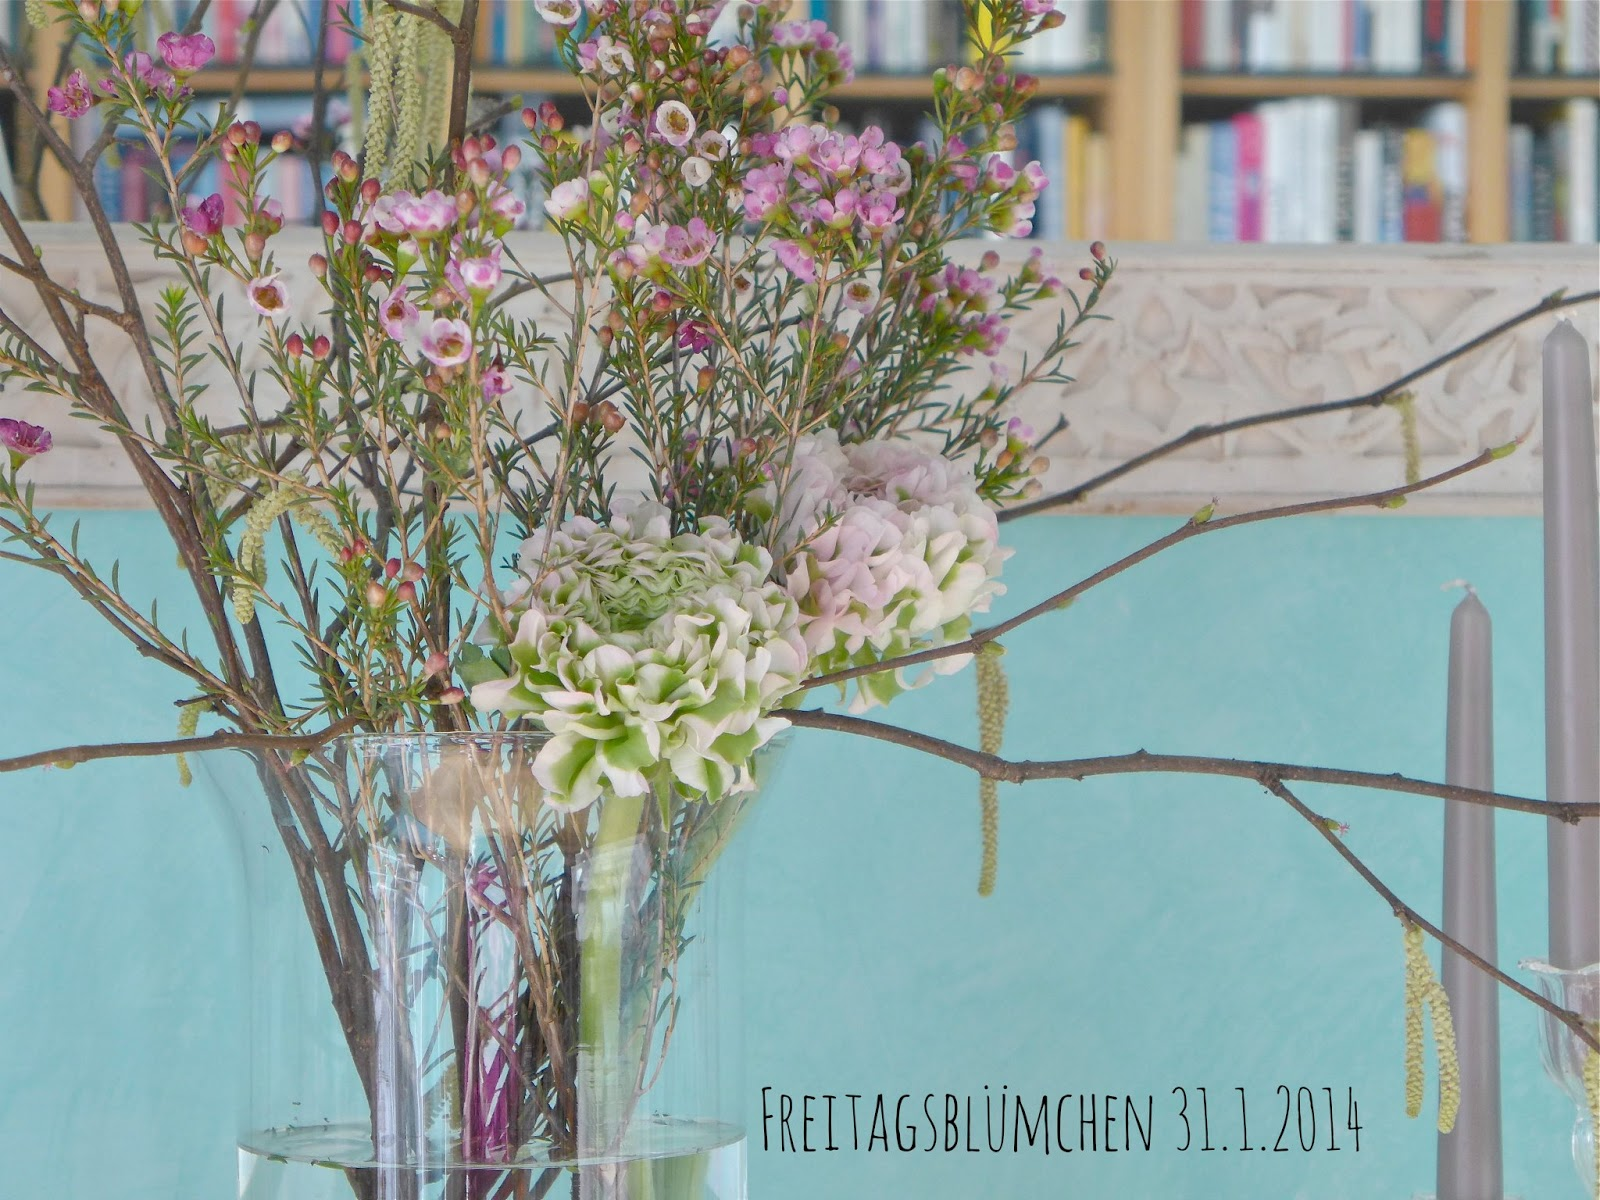 le monde de kitchi friday flowerday 5 14. Black Bedroom Furniture Sets. Home Design Ideas